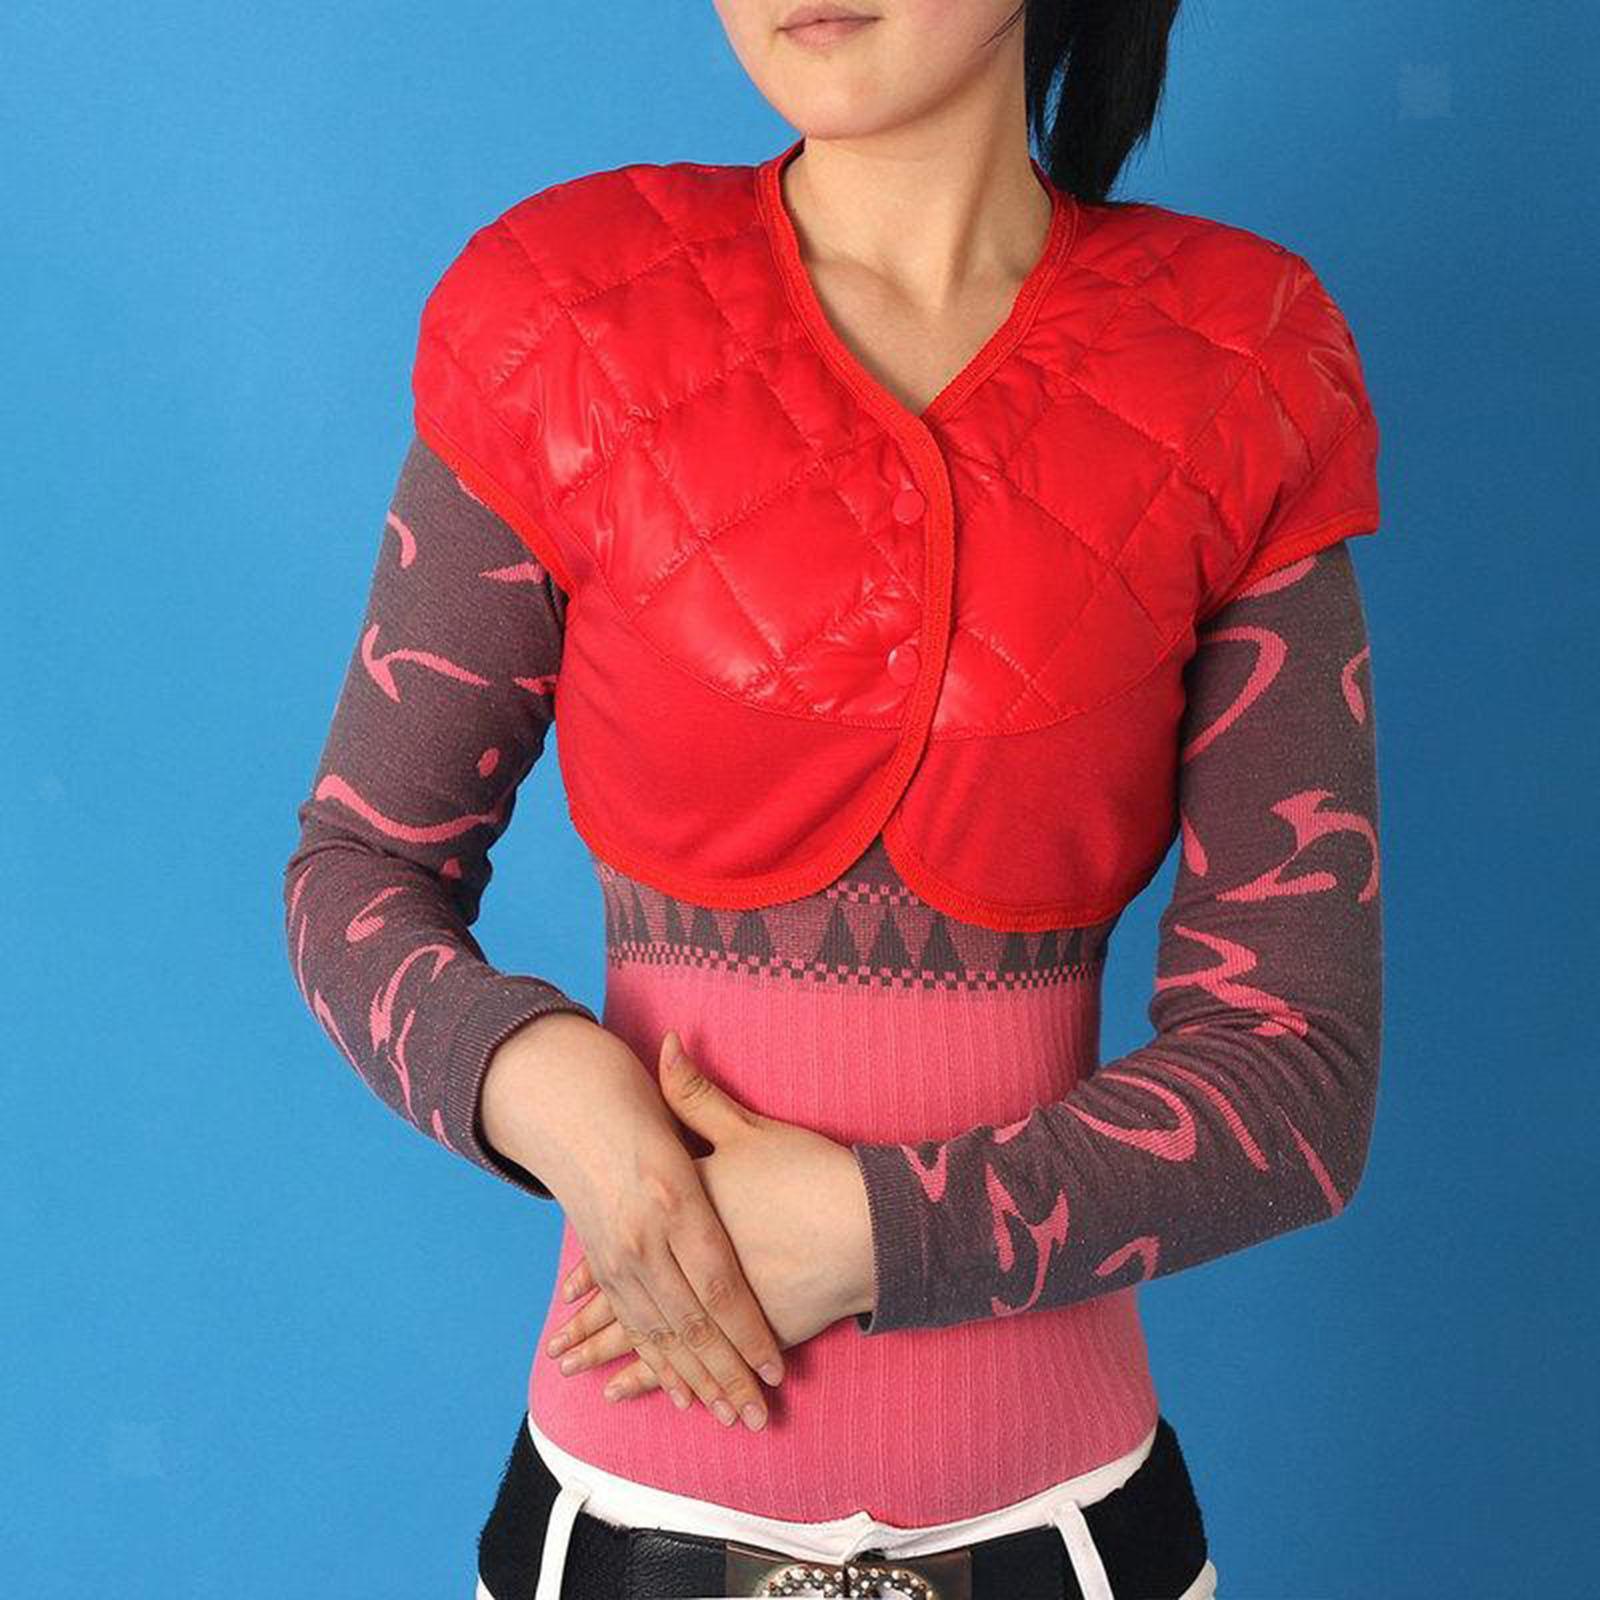 Femmes-Hommes-Down-Jacket-Chaud-Manteau-Court-Epaule-Chaud-Thermique-Wrap miniatura 55